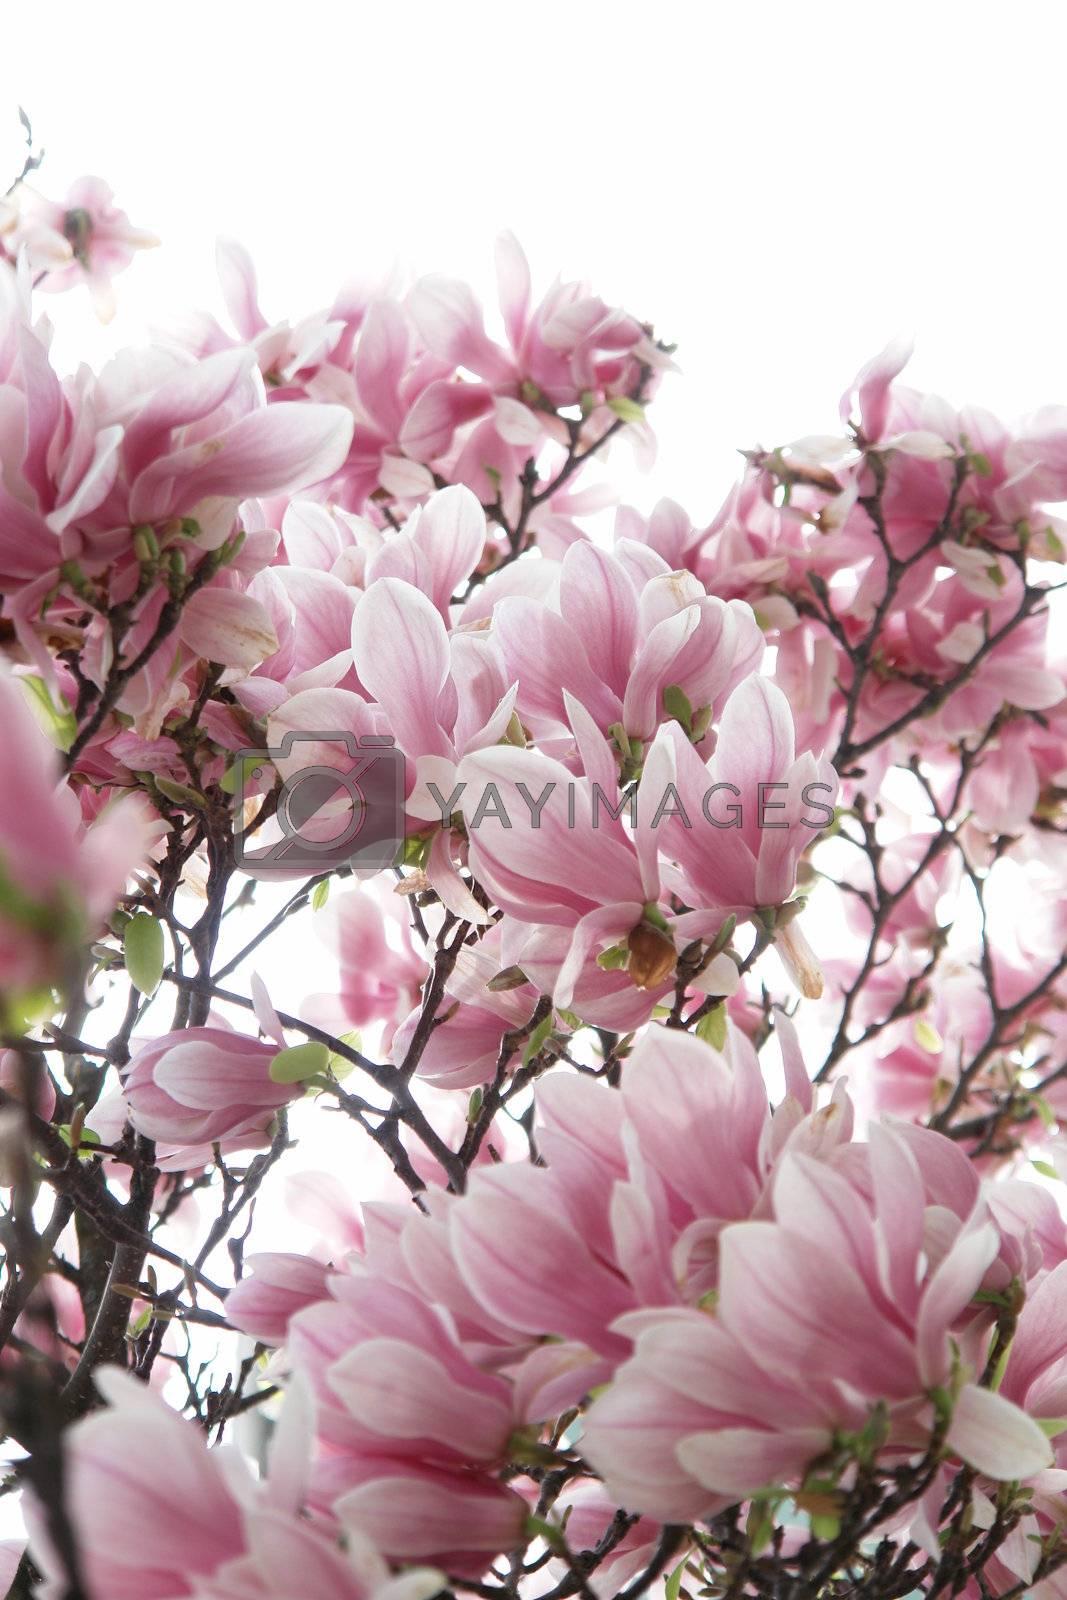 beautiful colorful viivid flowers in bloom